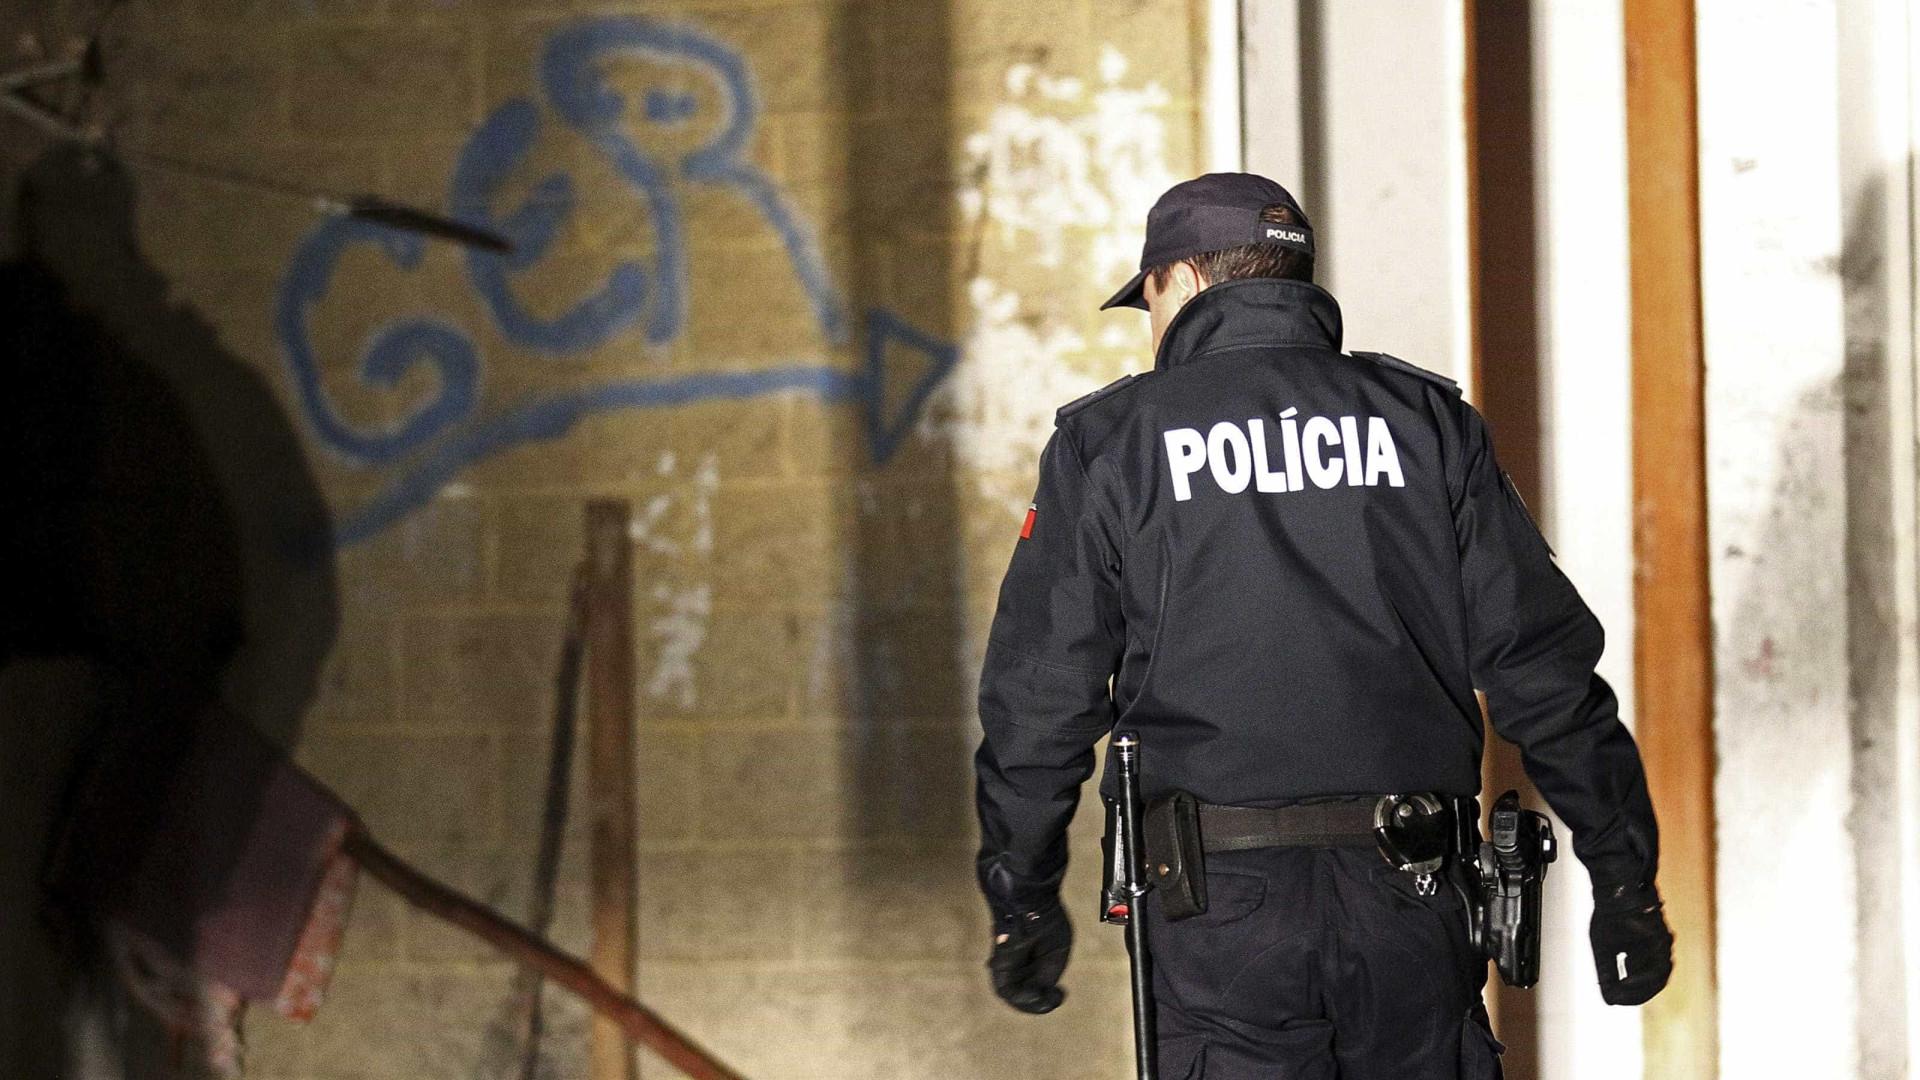 Polícias protestaram junto ao MAI contra incumprimento do estatuto da PSP